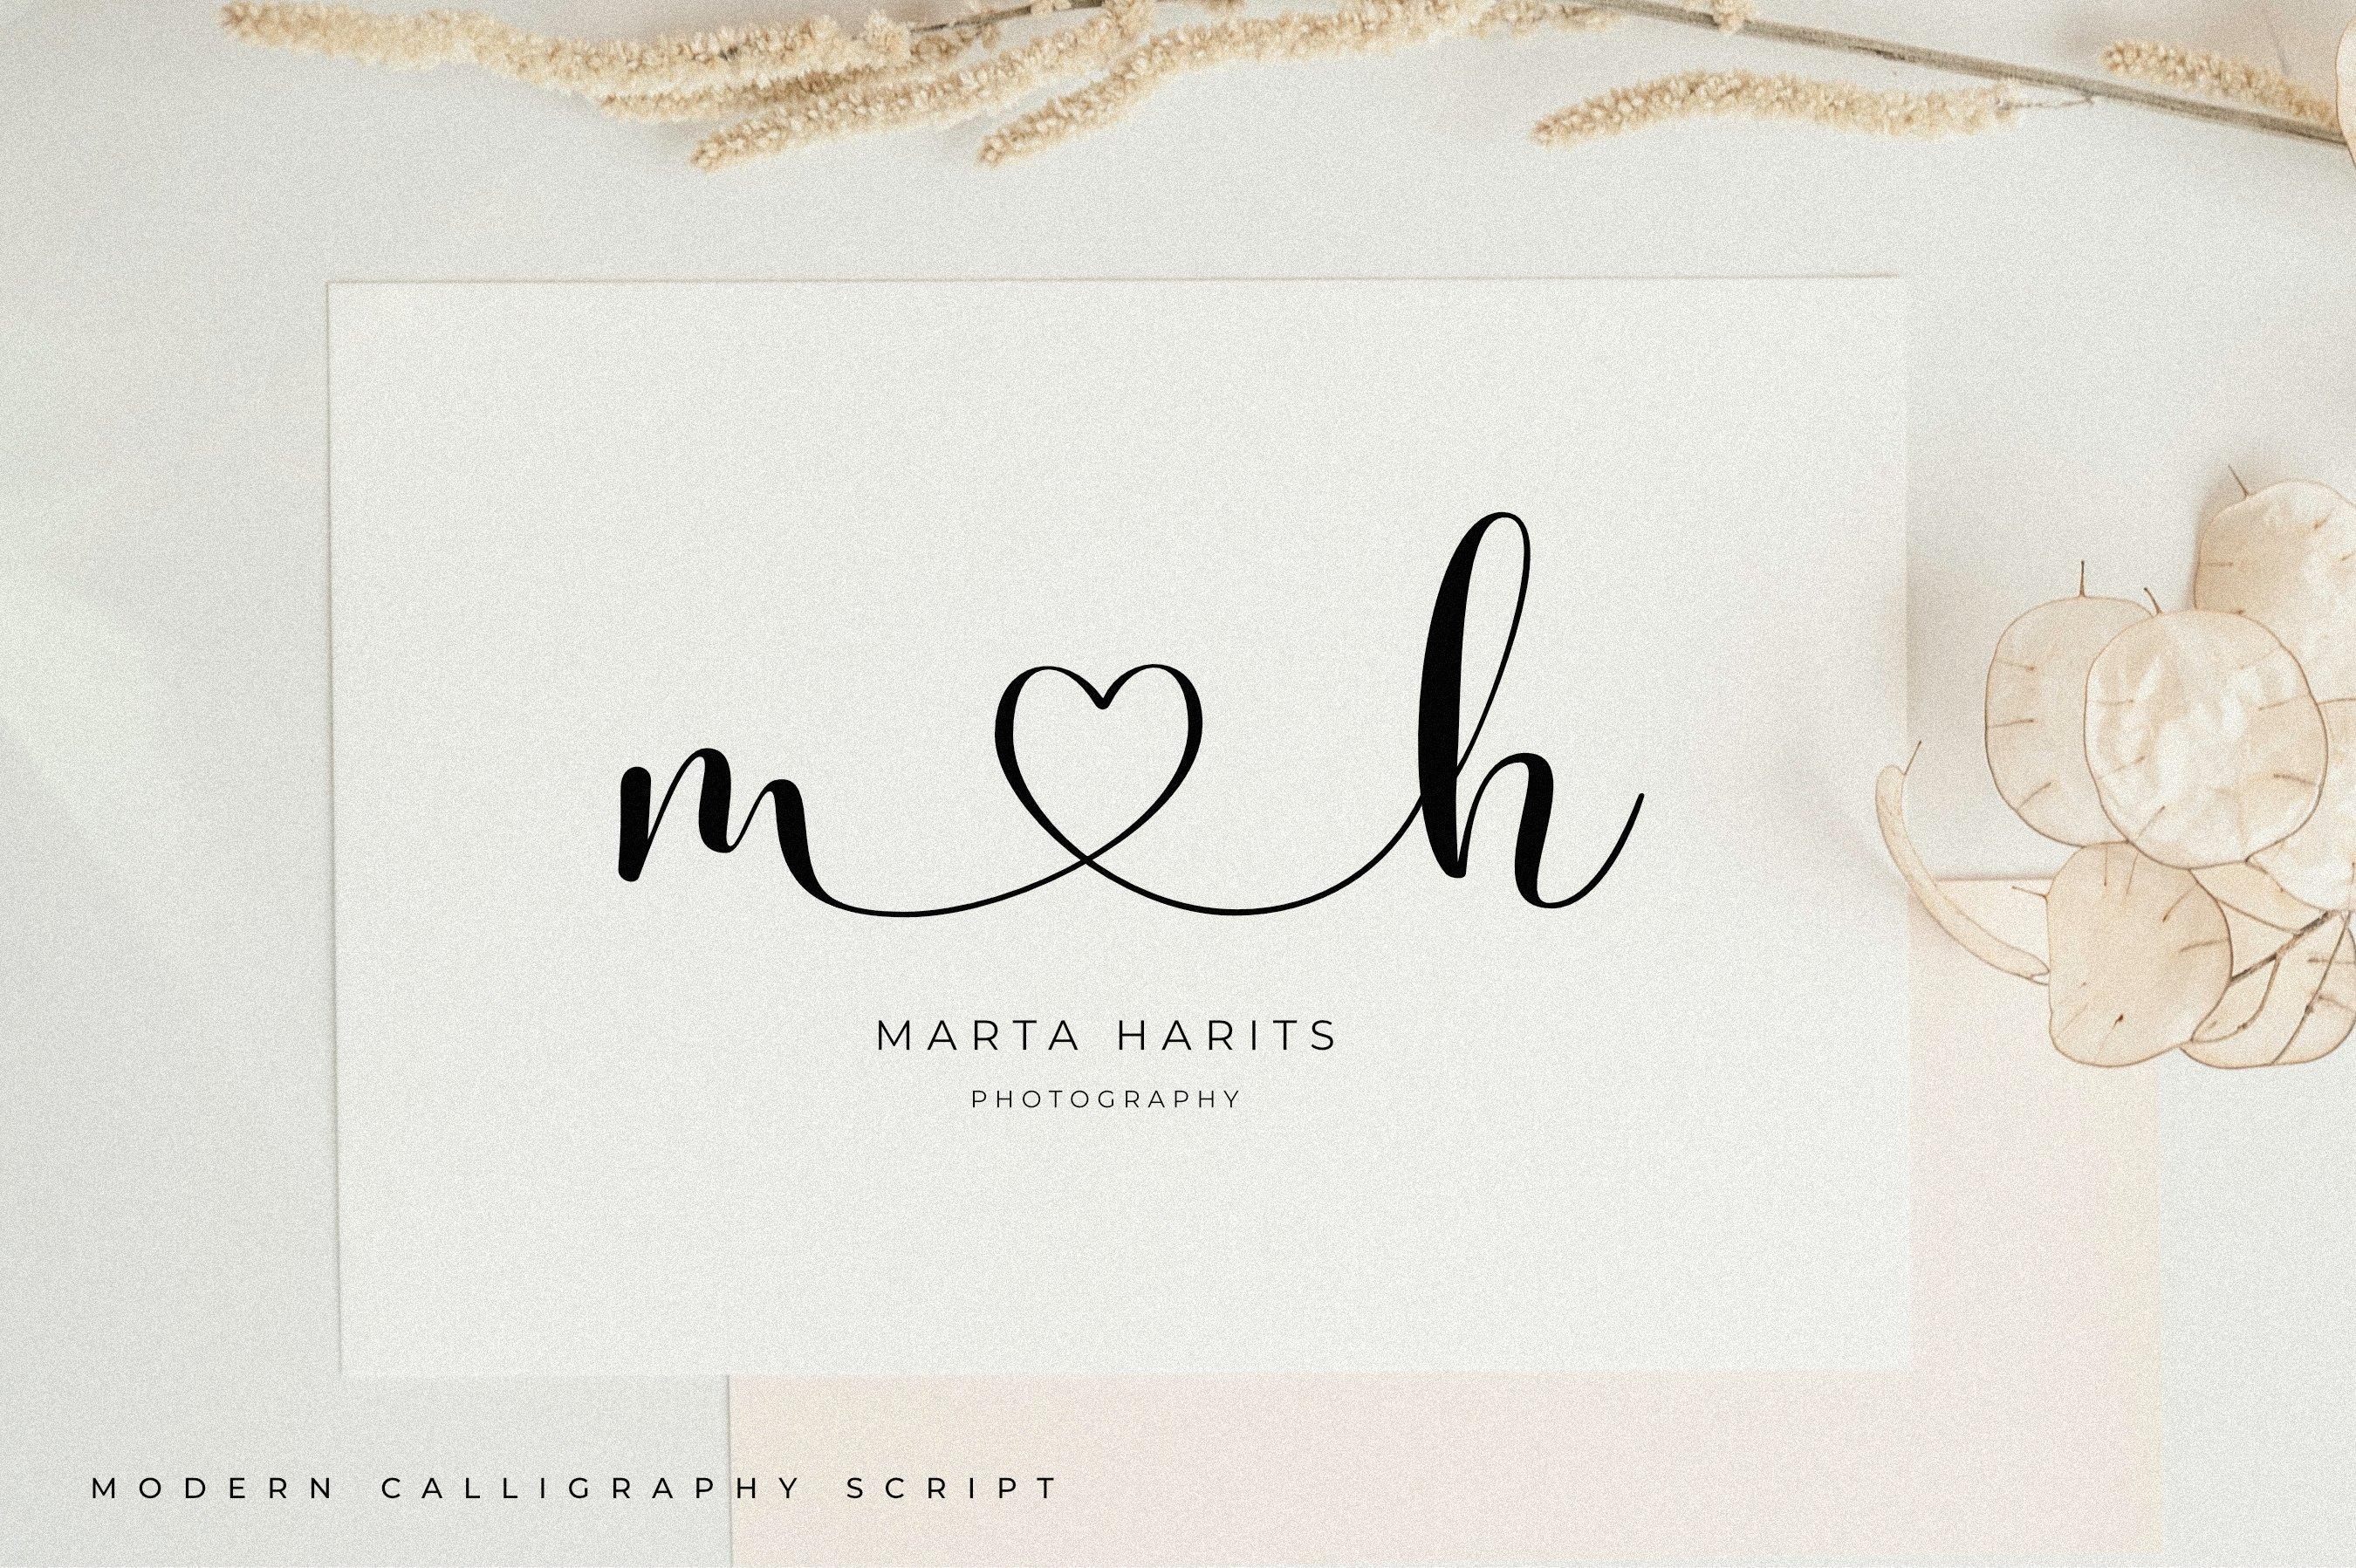 时尚优雅海报标题品牌Logo设计手写英文字体素材 Olivia James – Chic Font插图4